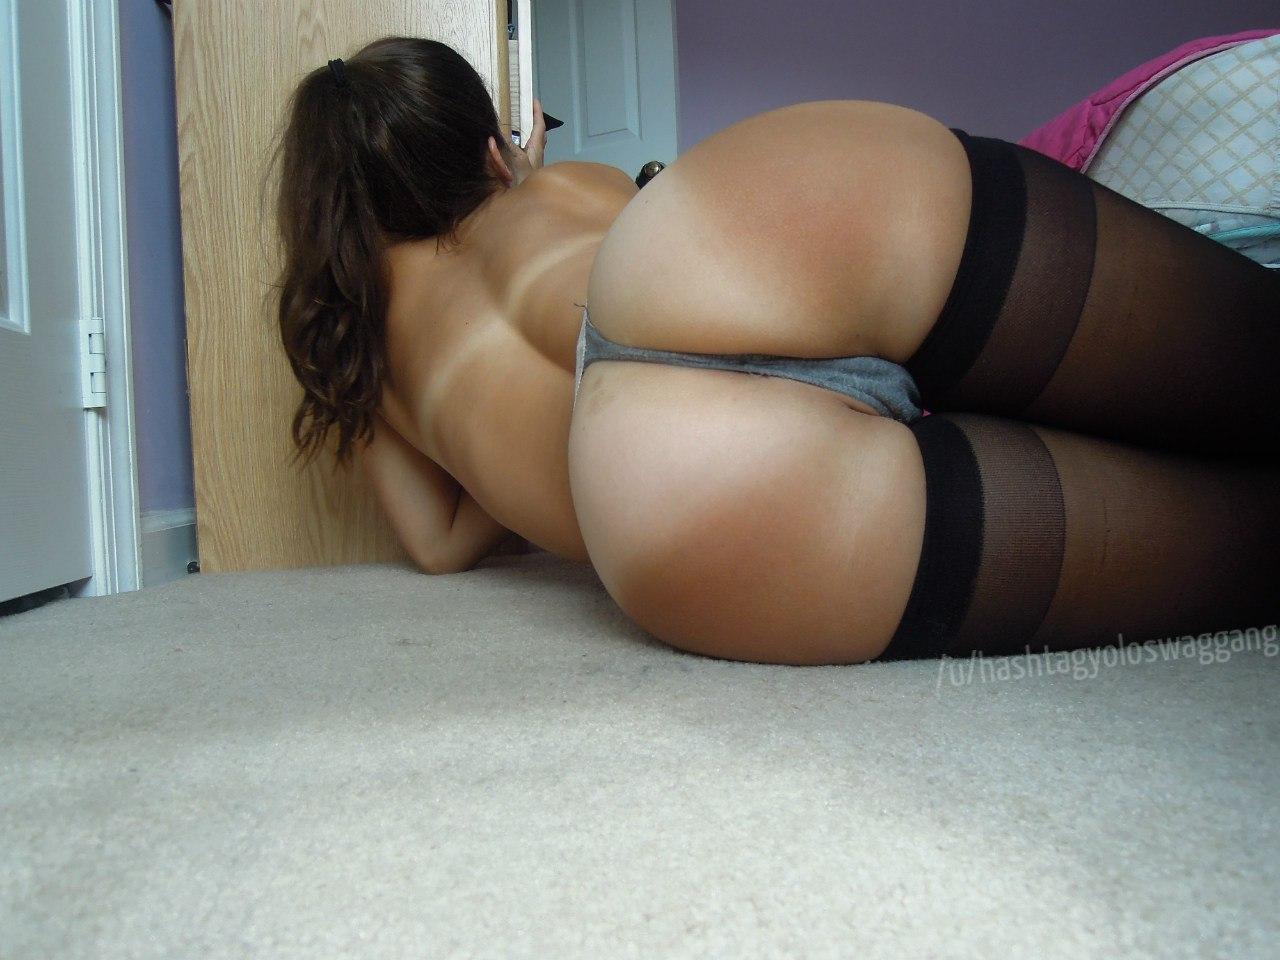 Загорелая девушка показывает свою пизду и голую попку дома секс фото и порно фото